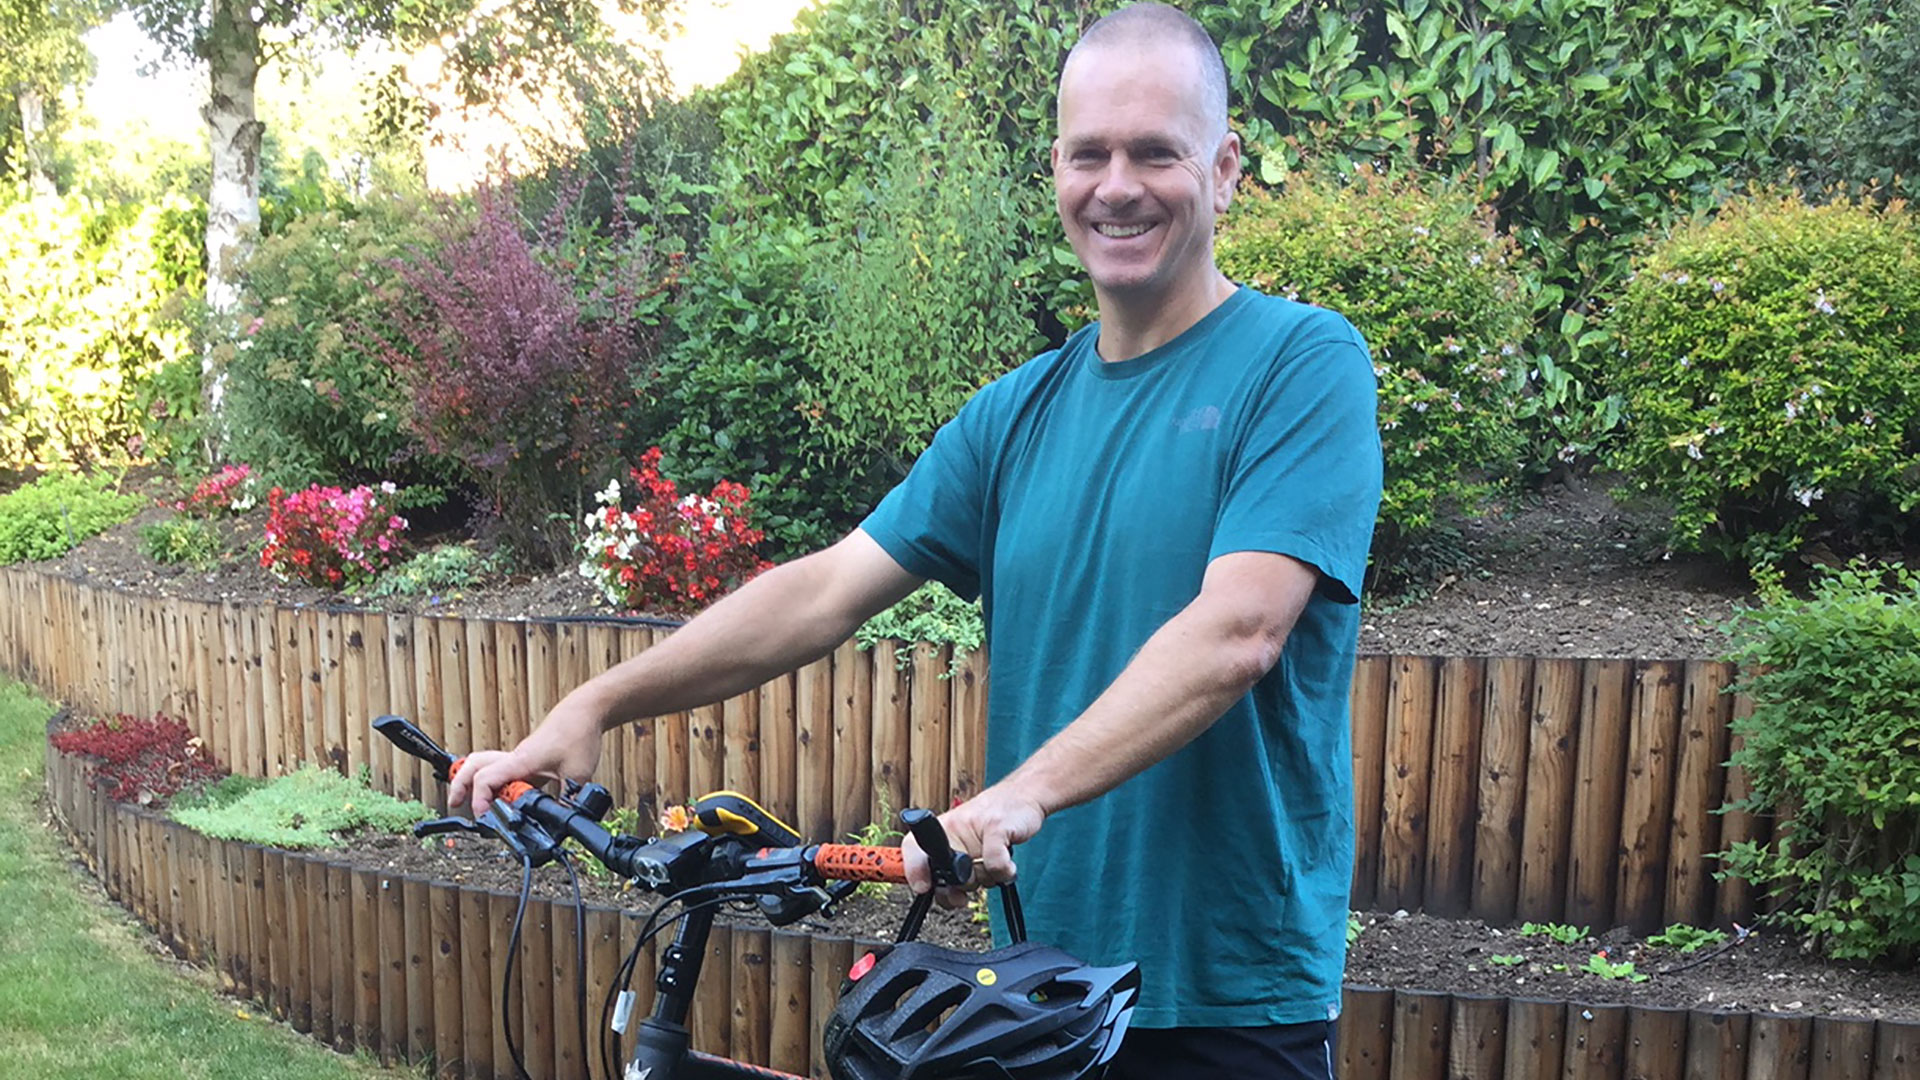 Exeter man raises £1,000 cycling Tour de Devon